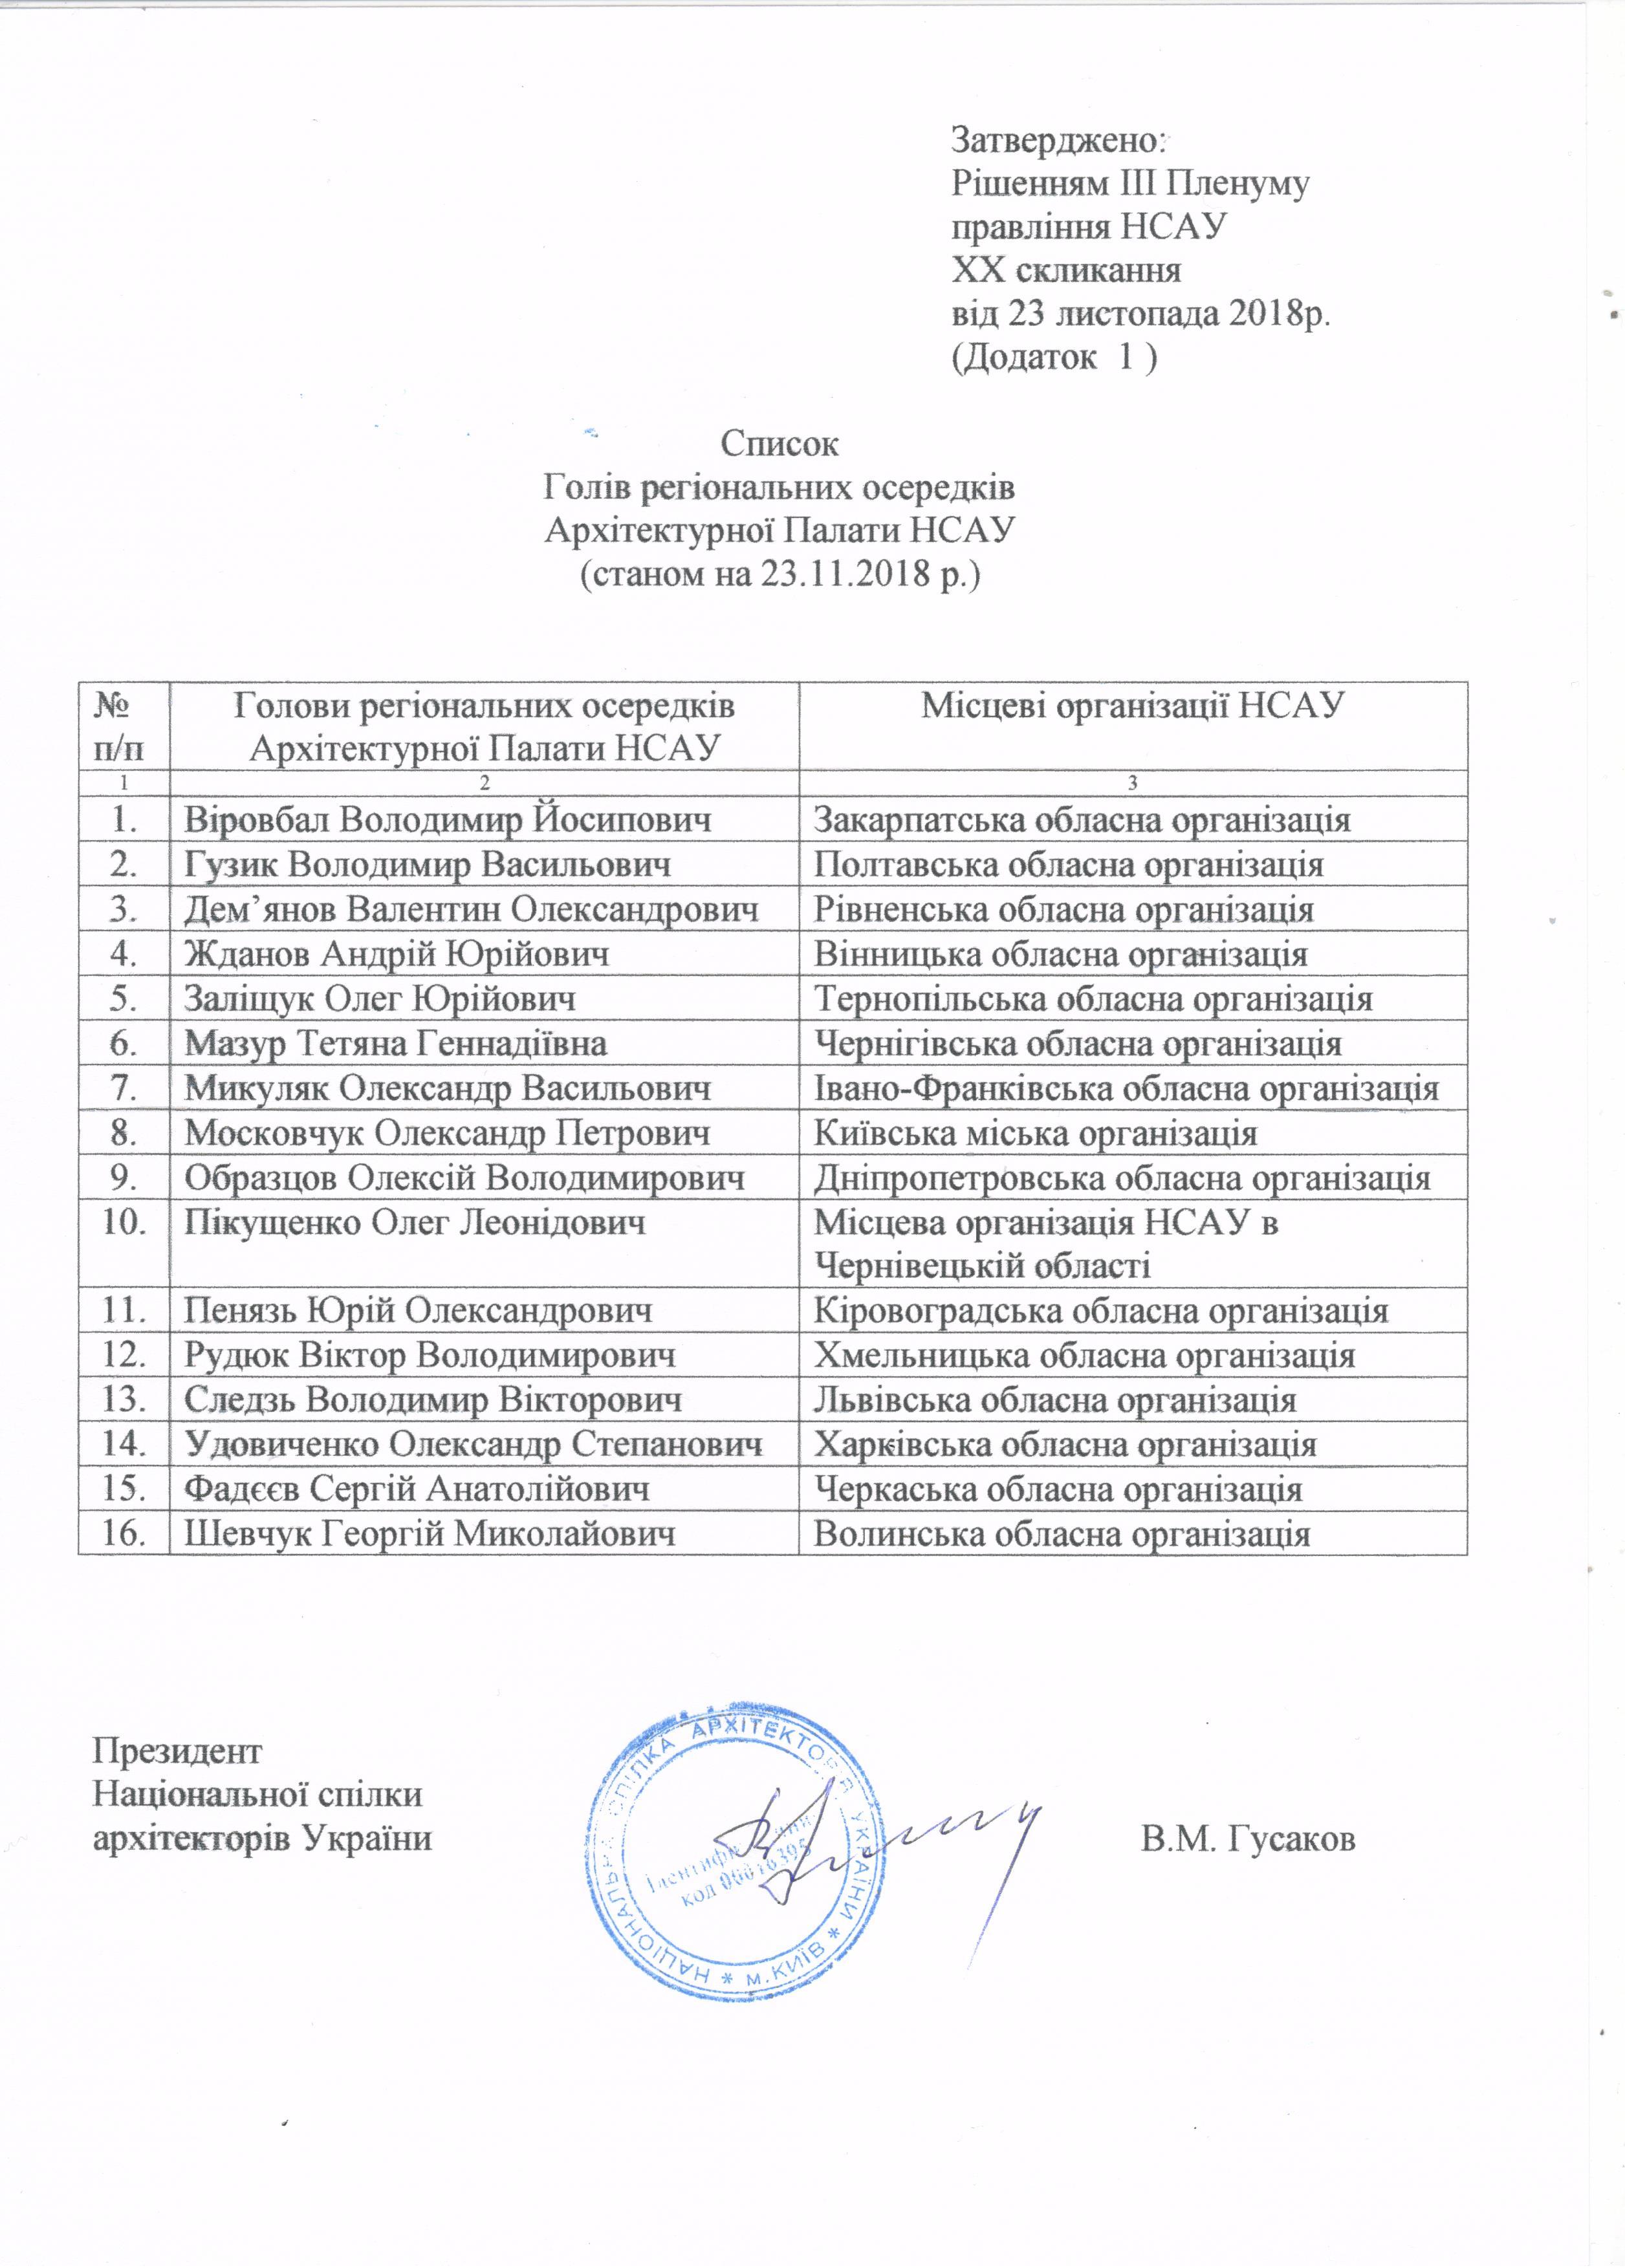 Список Голів регіональних осередків АП НСАУ 001